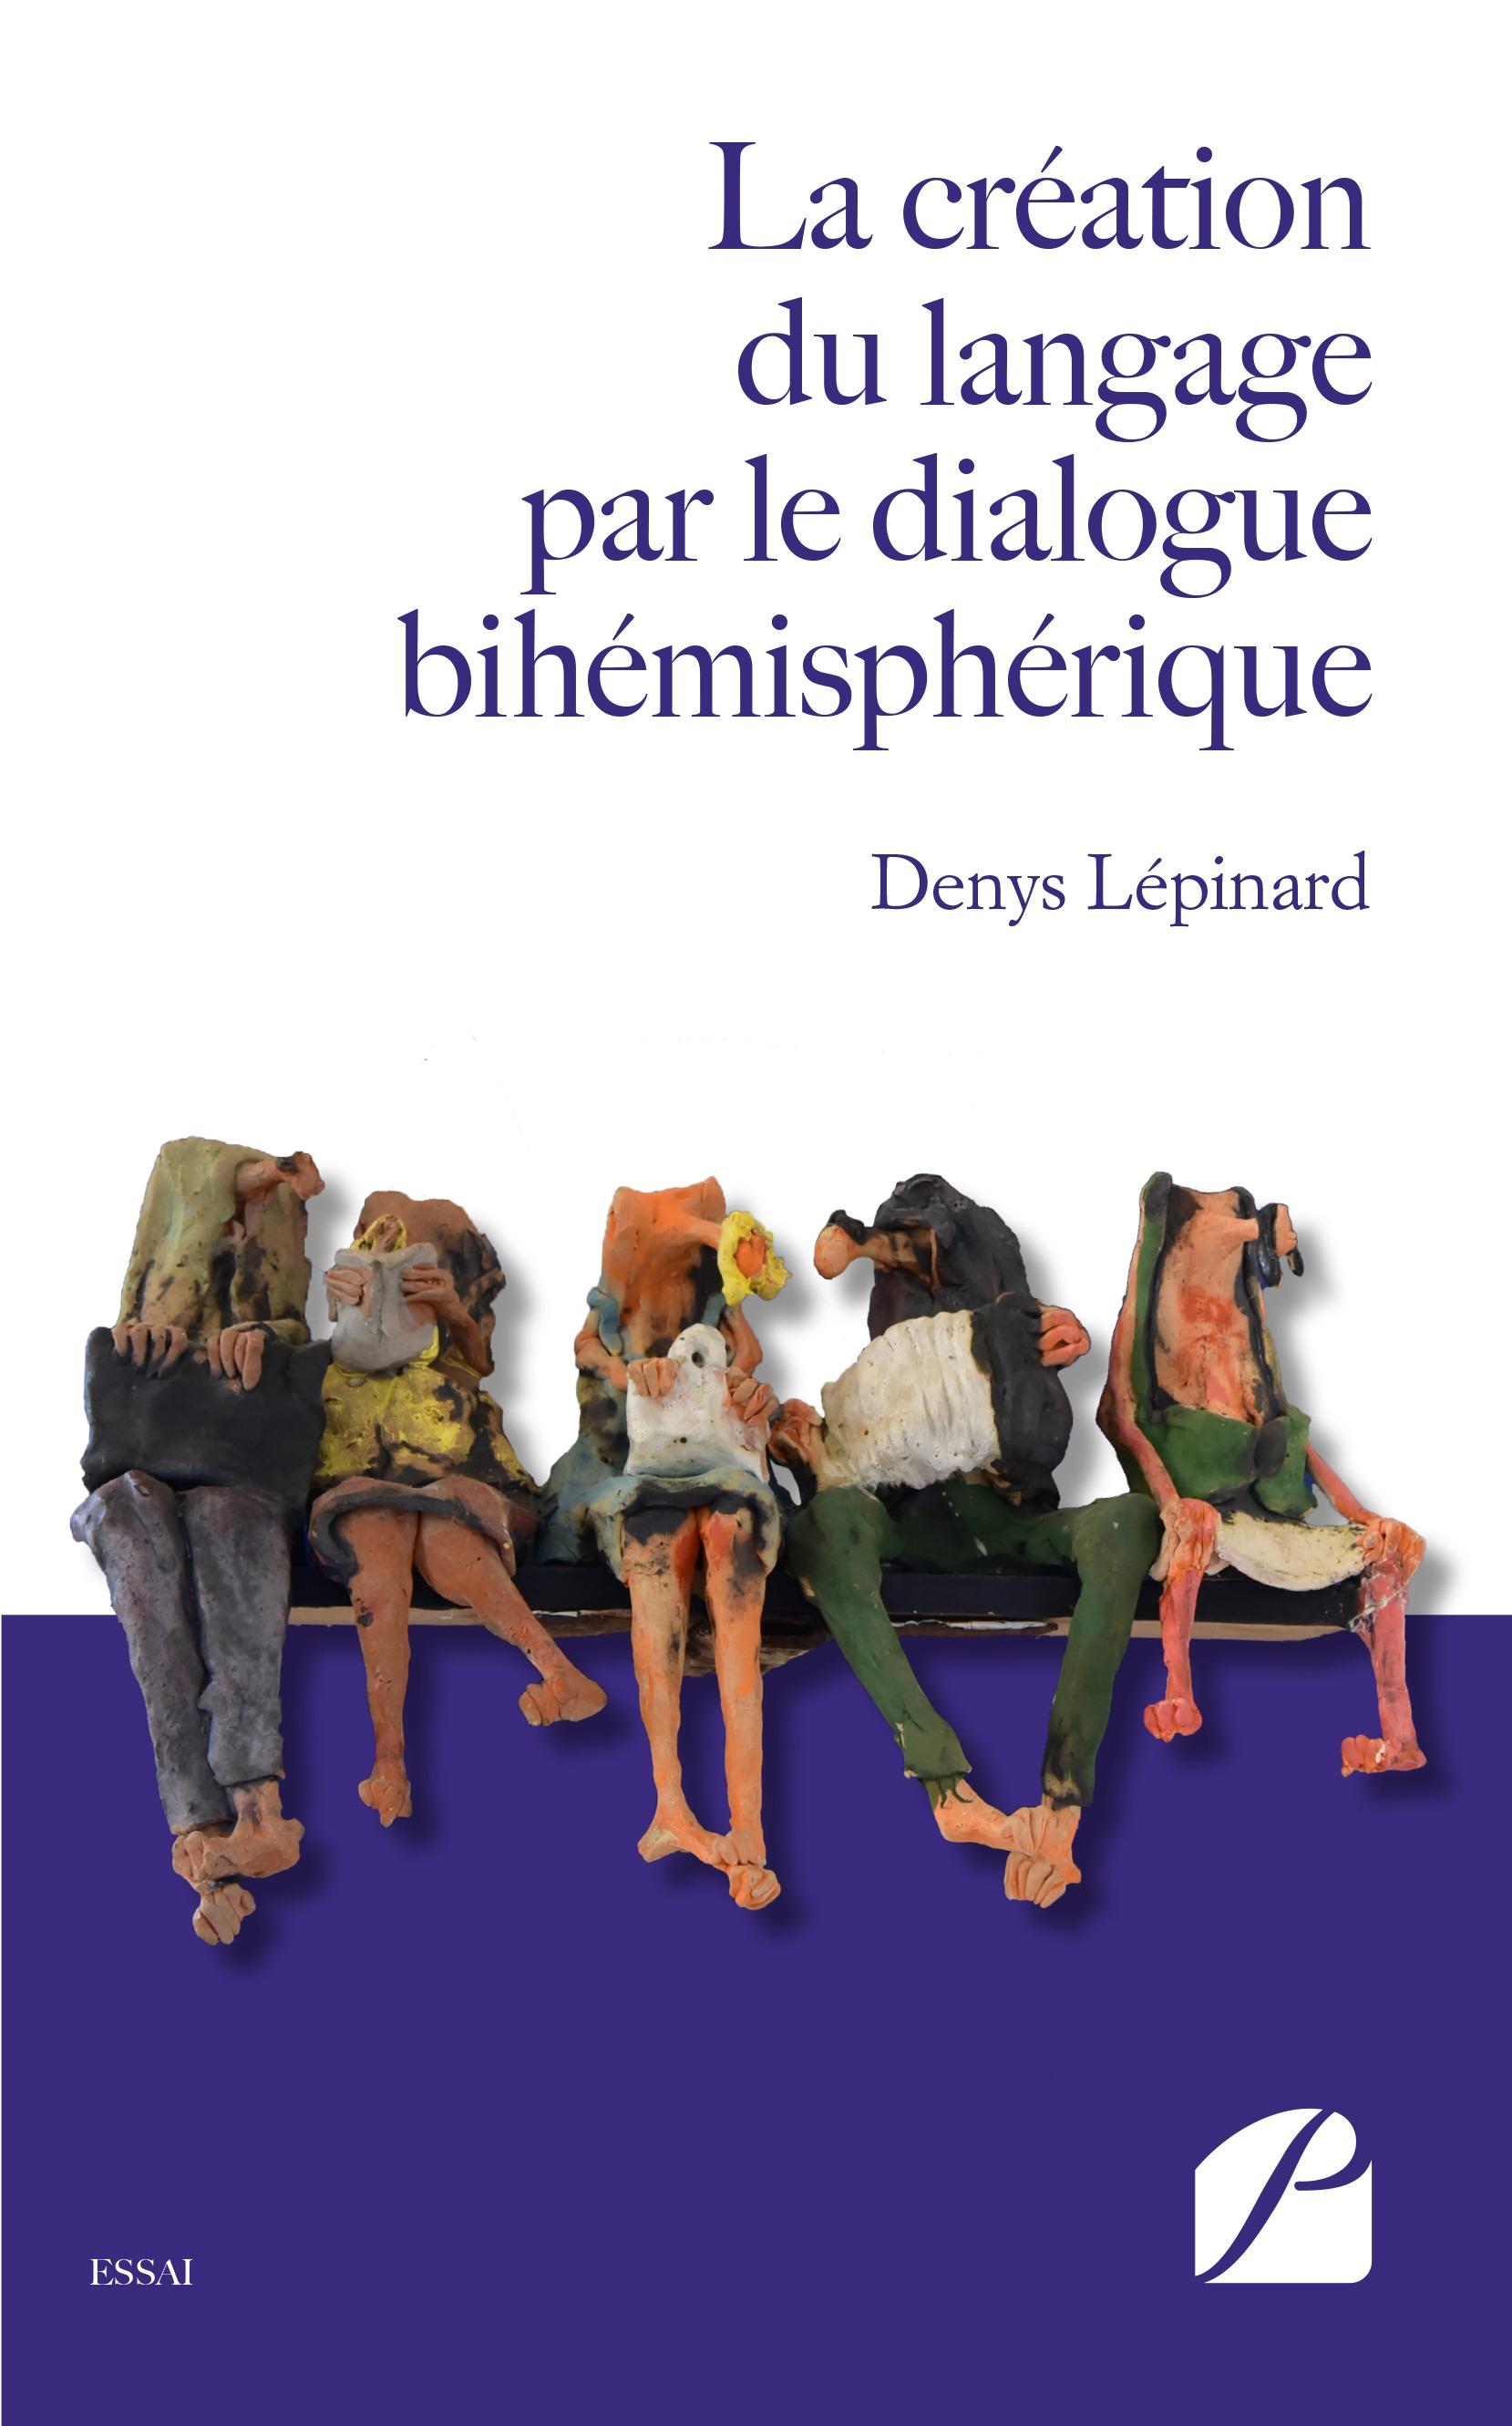 La création du langage par le dialogue bihémisphérique